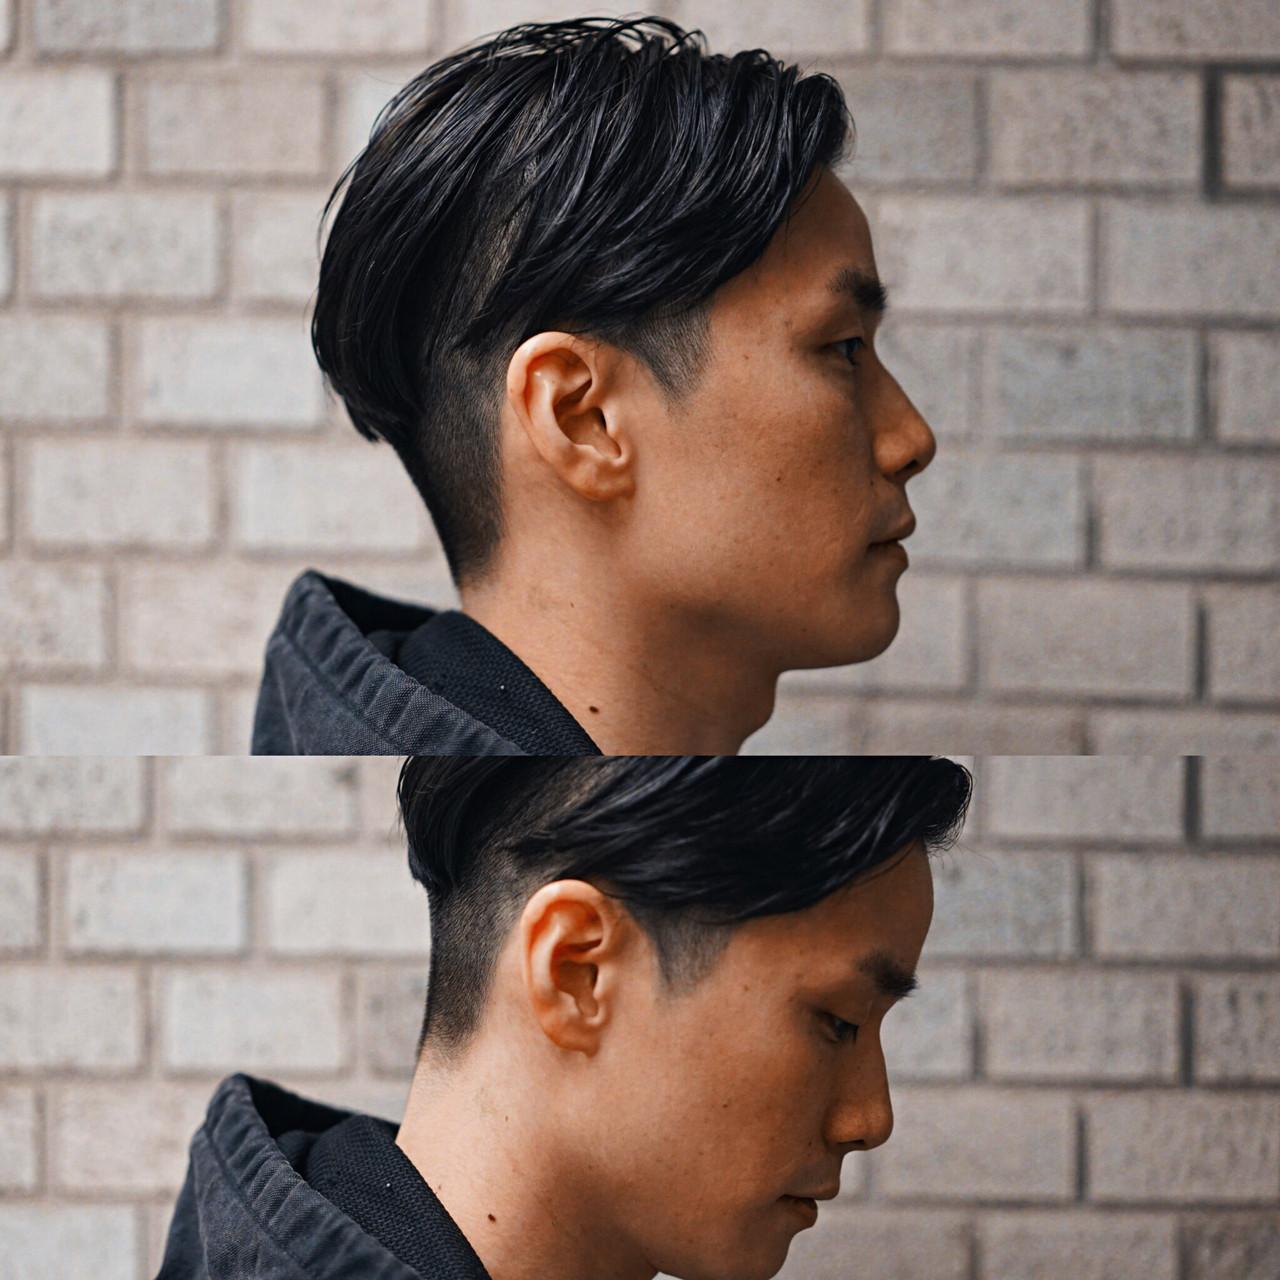 刈り上げ ショート グラデーションカラー ボーイッシュヘアスタイルや髪型の写真・画像